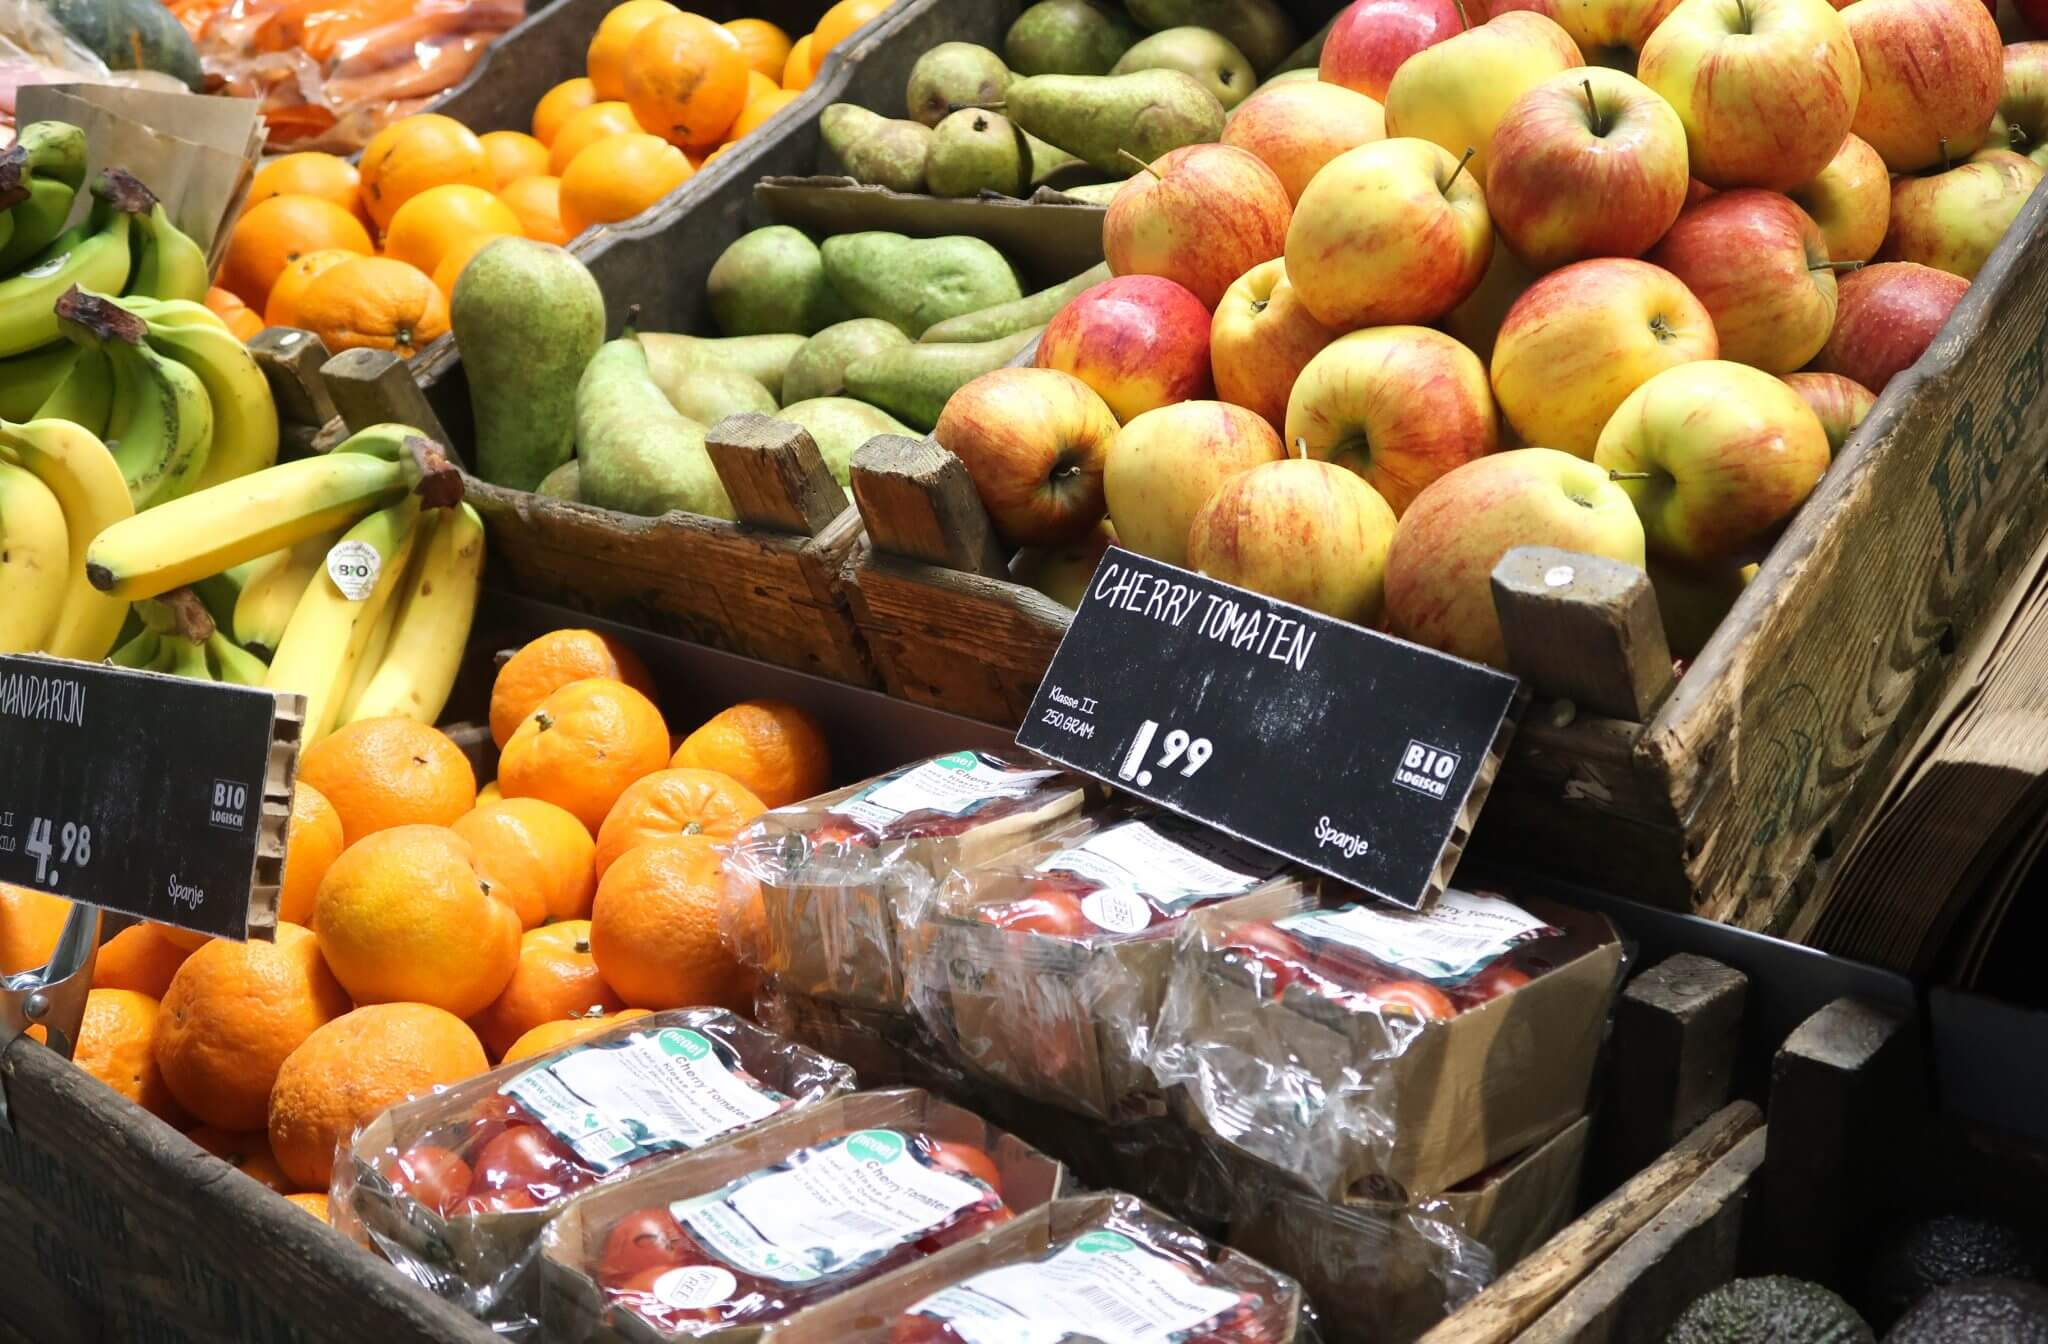 De plasticvrije supermarkt